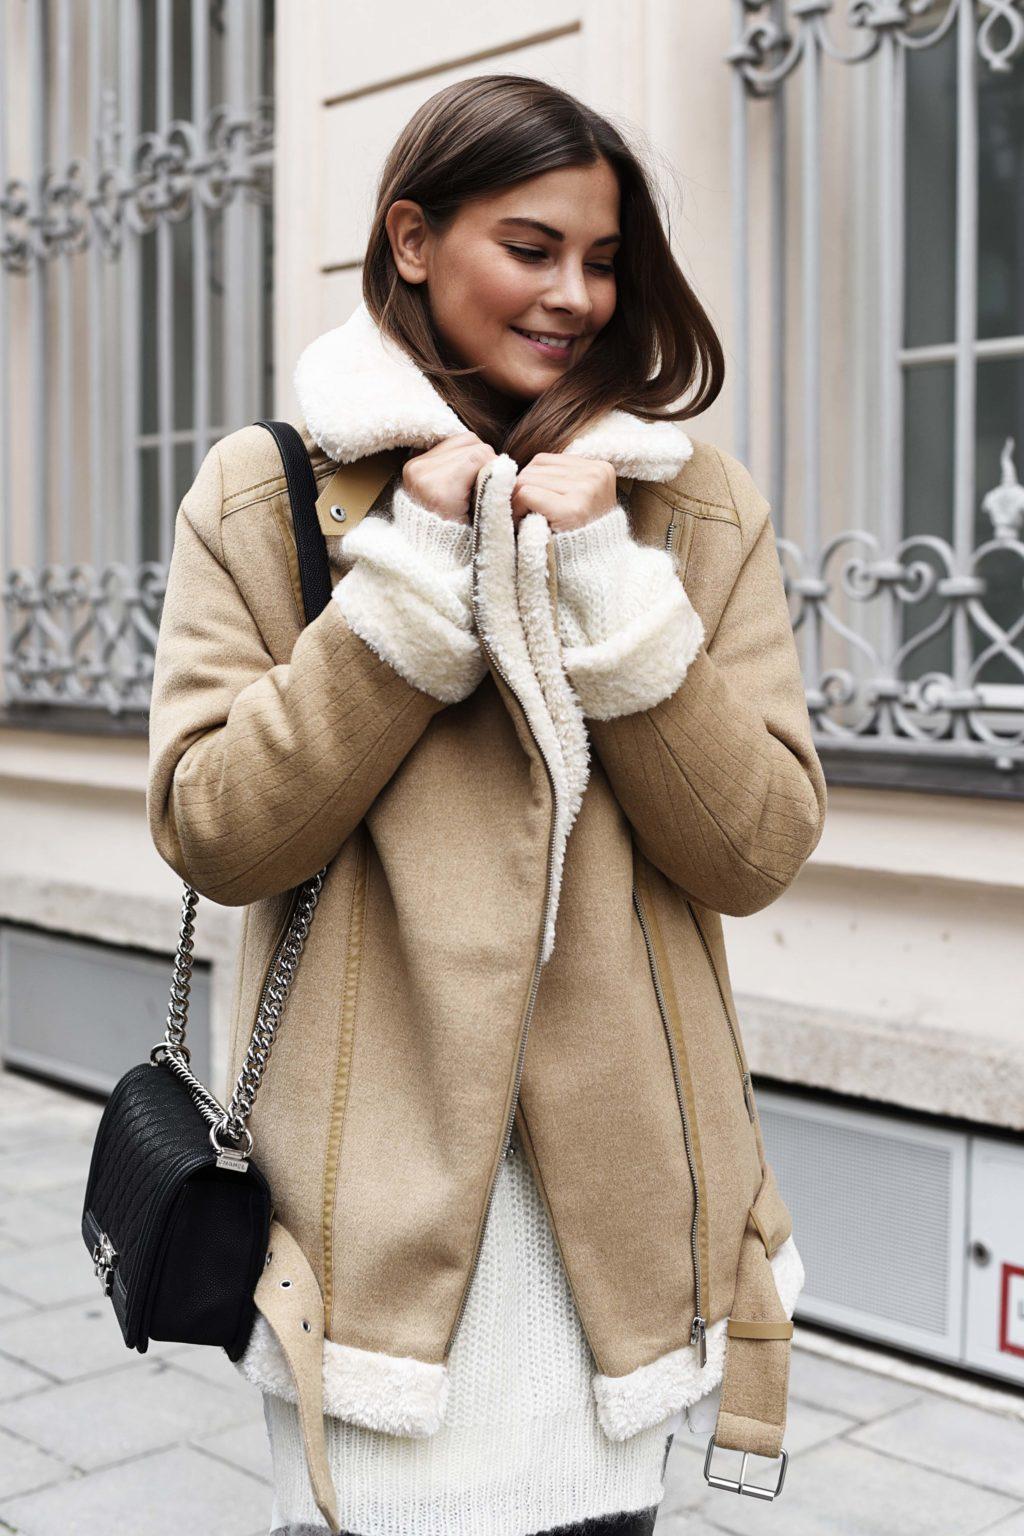 Tendances de la mode et nouveautés de l'hiver 2020. Que porter à l'hiver 2020? (86 photos)